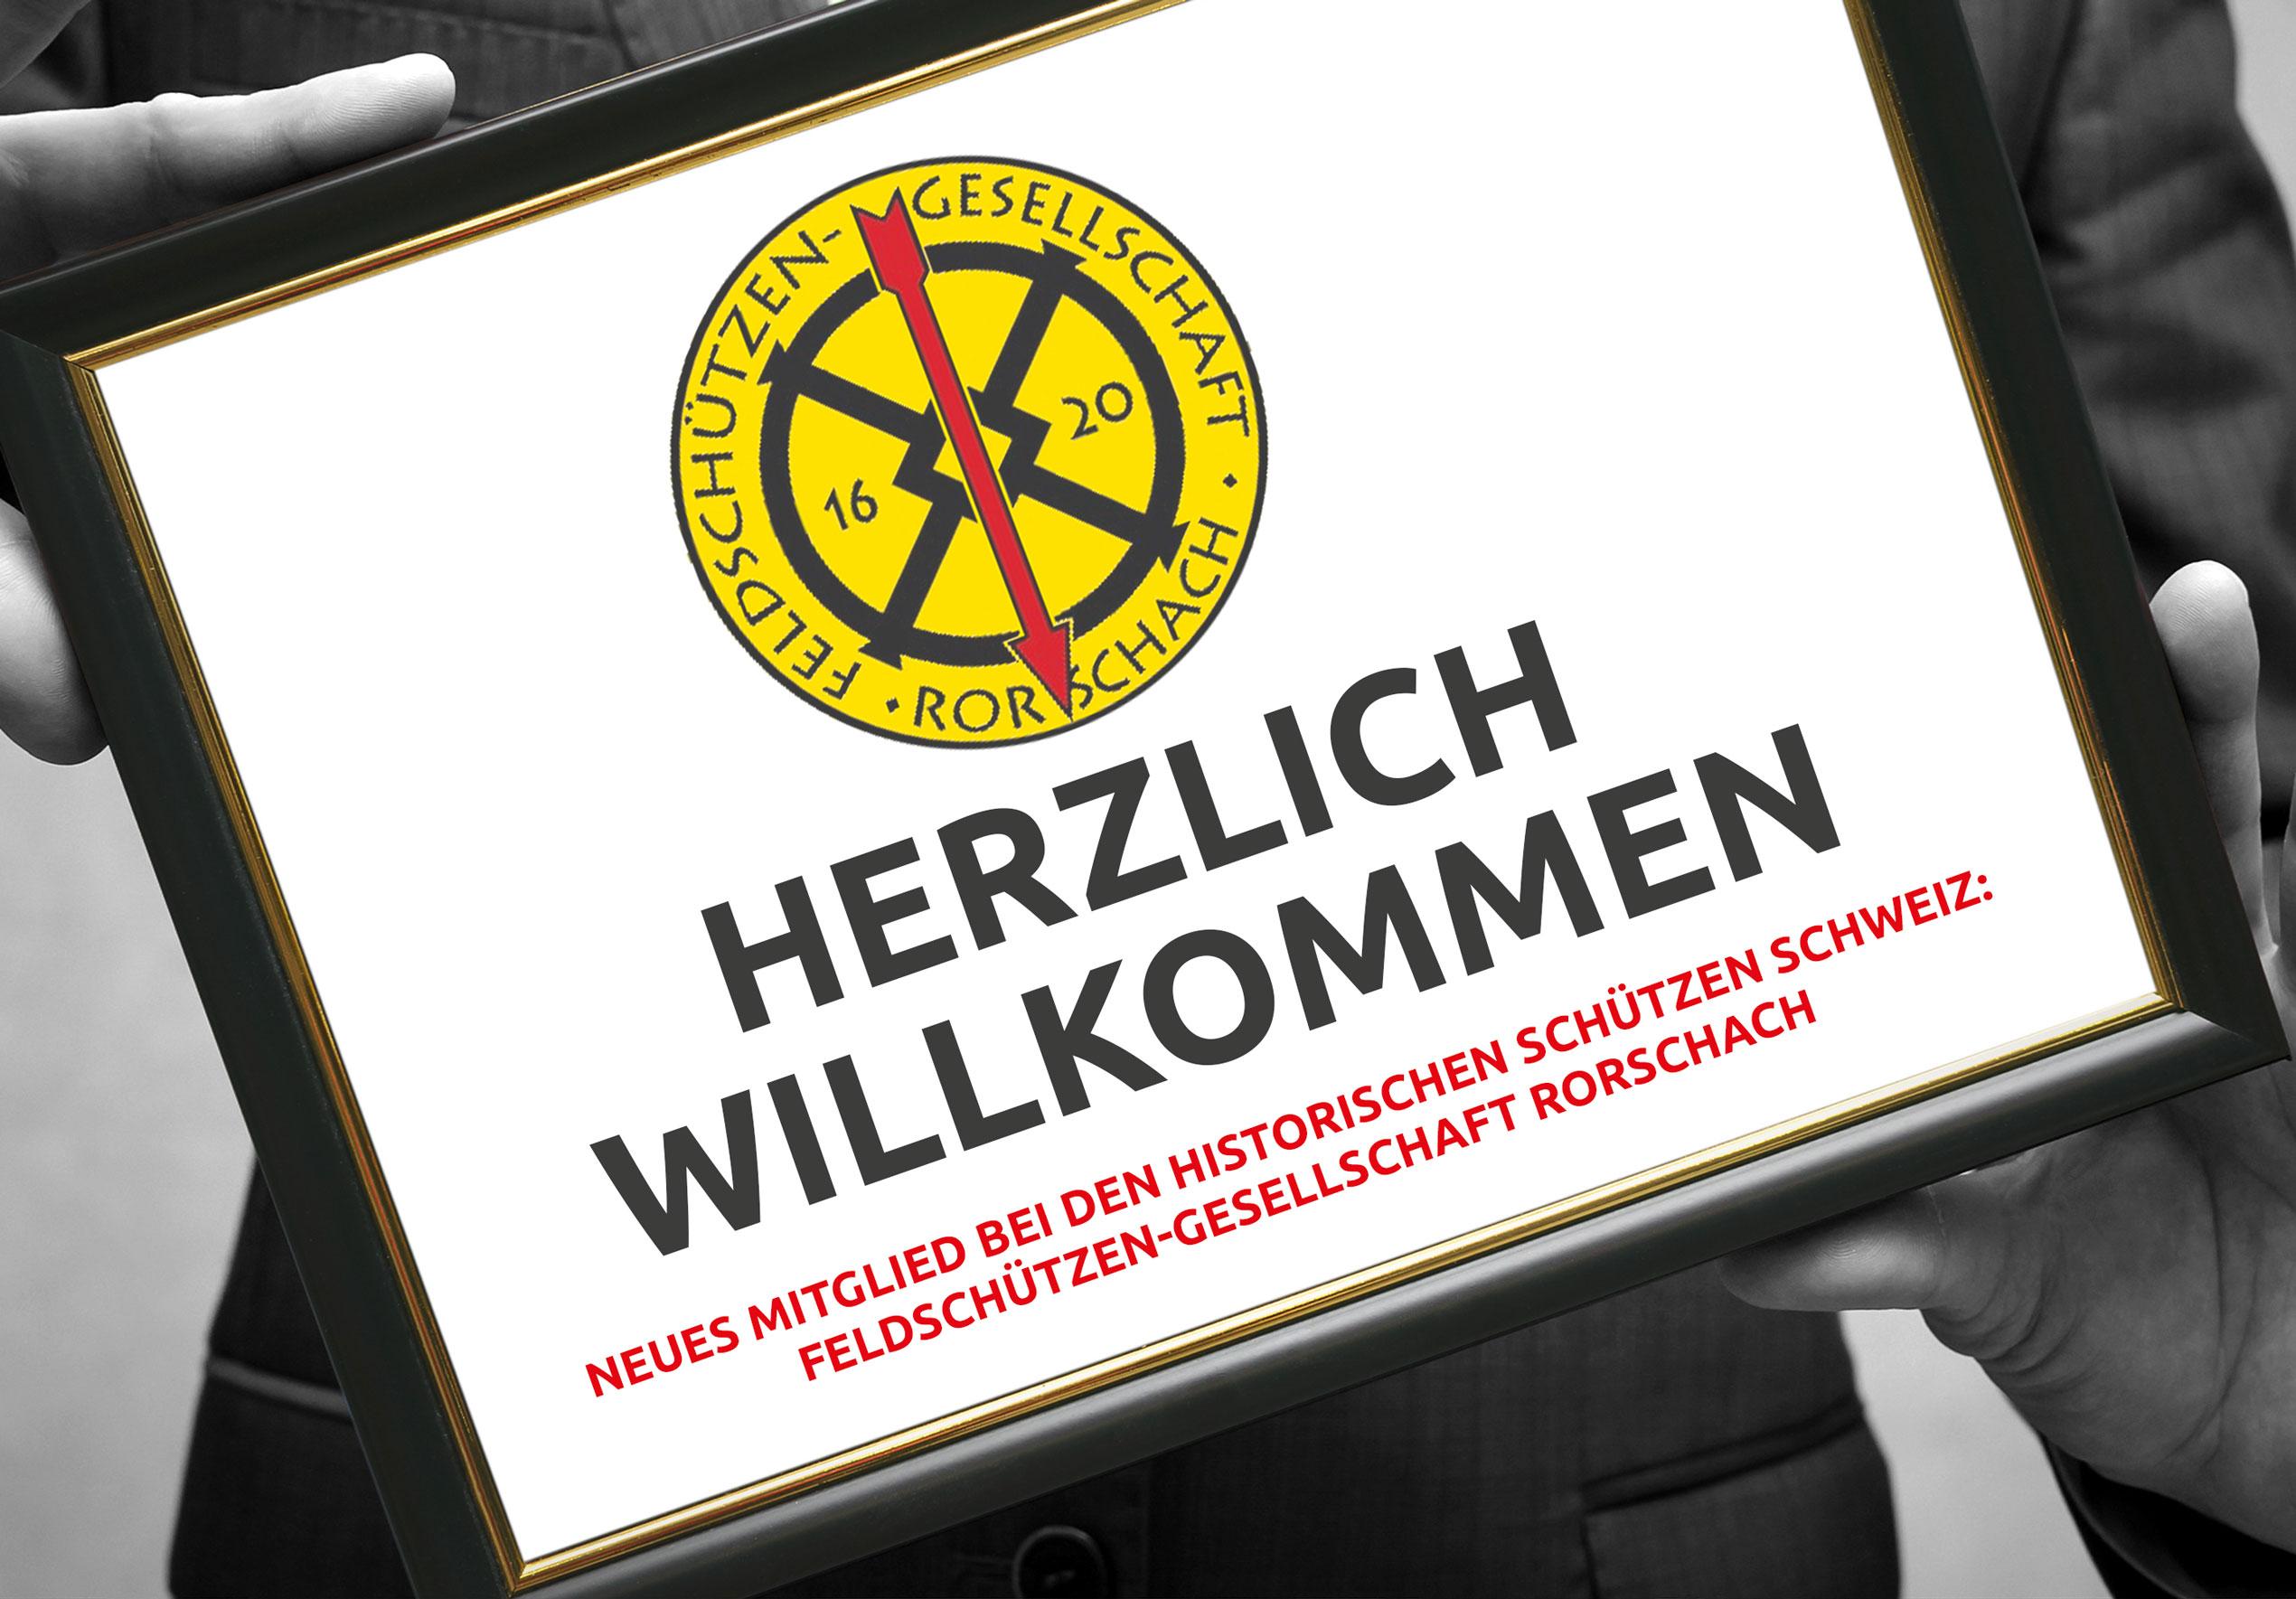 Aufnahme der Feldschützen-Gesellschaft Rorschach als Mitglied bei den Historischen Schützen Schweiz